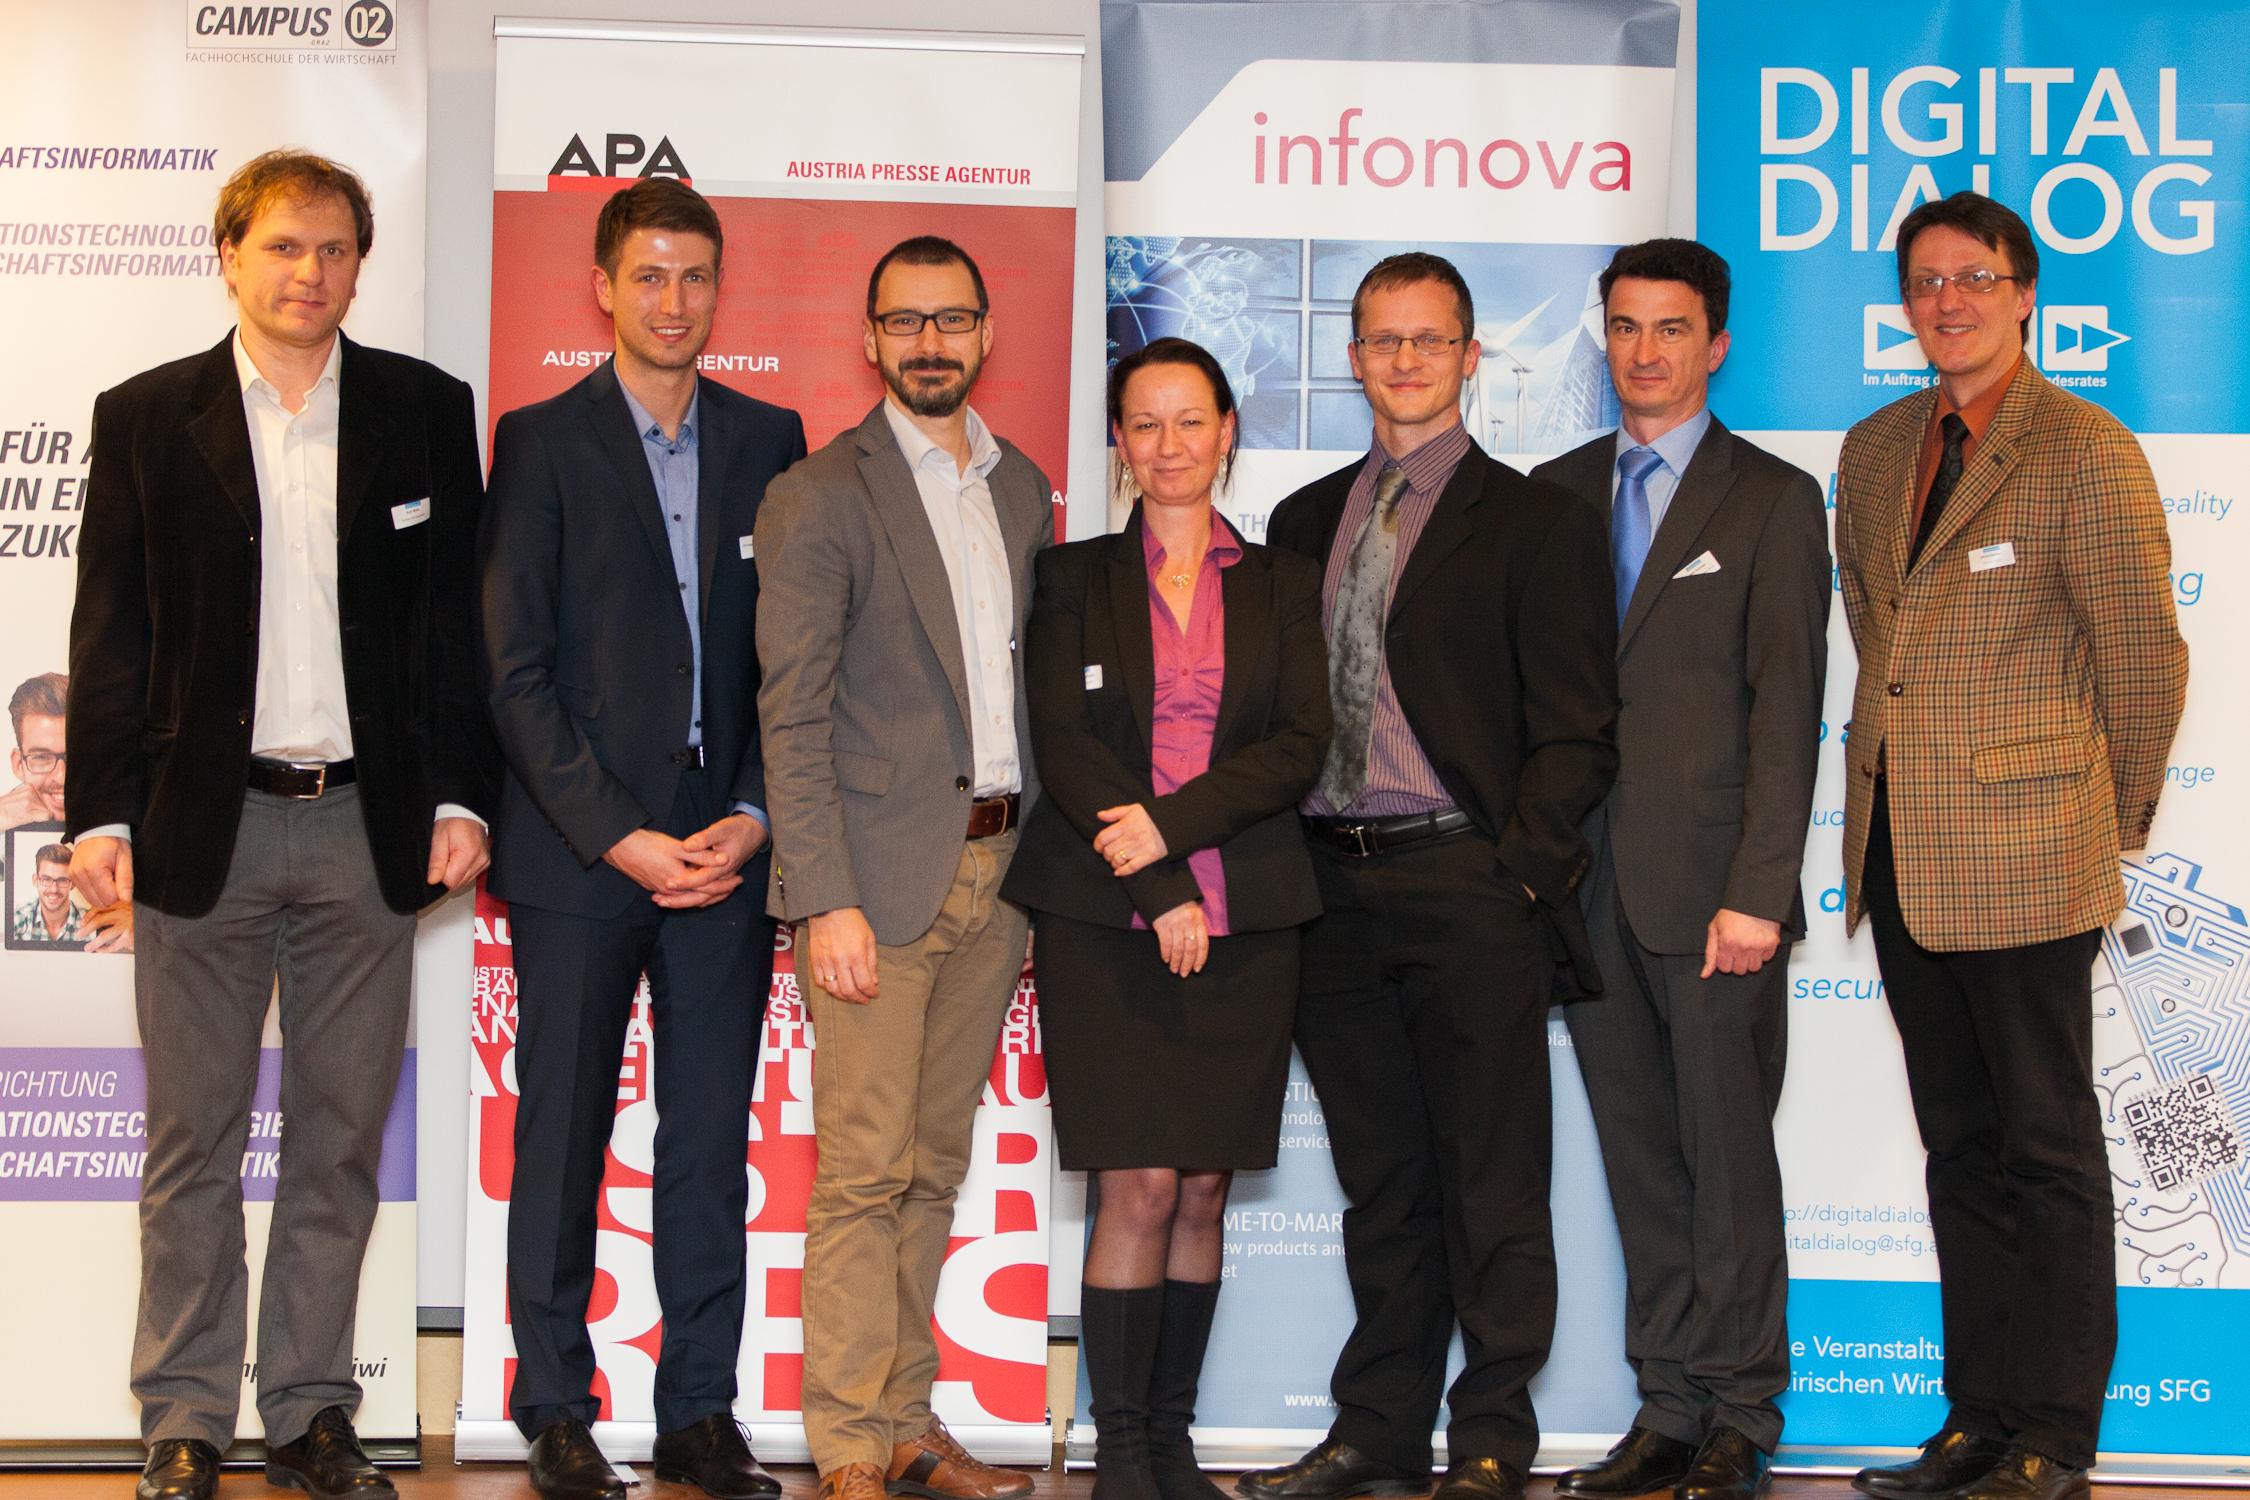 Digitaldialog: Mehr Mensch im Wissensmanagement